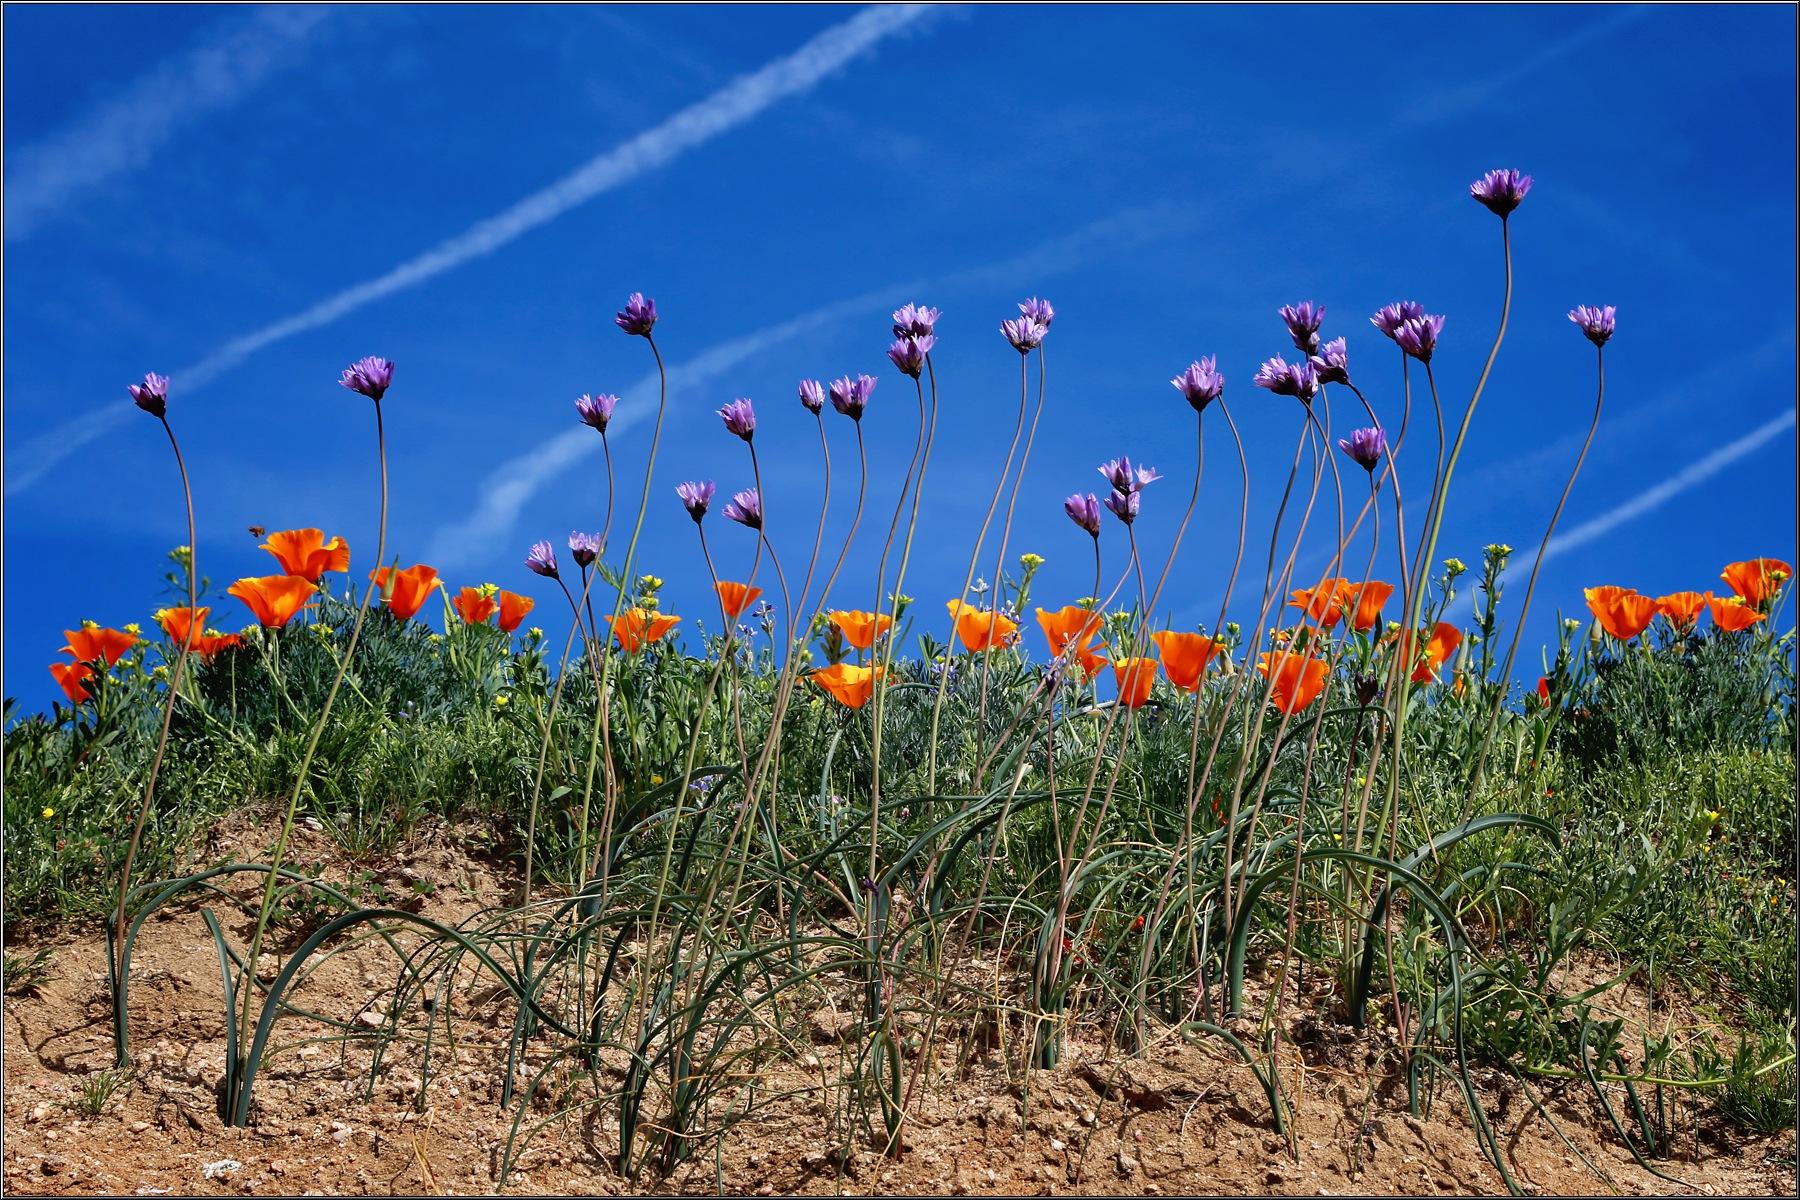 Wildflowers by Linda Ruiz